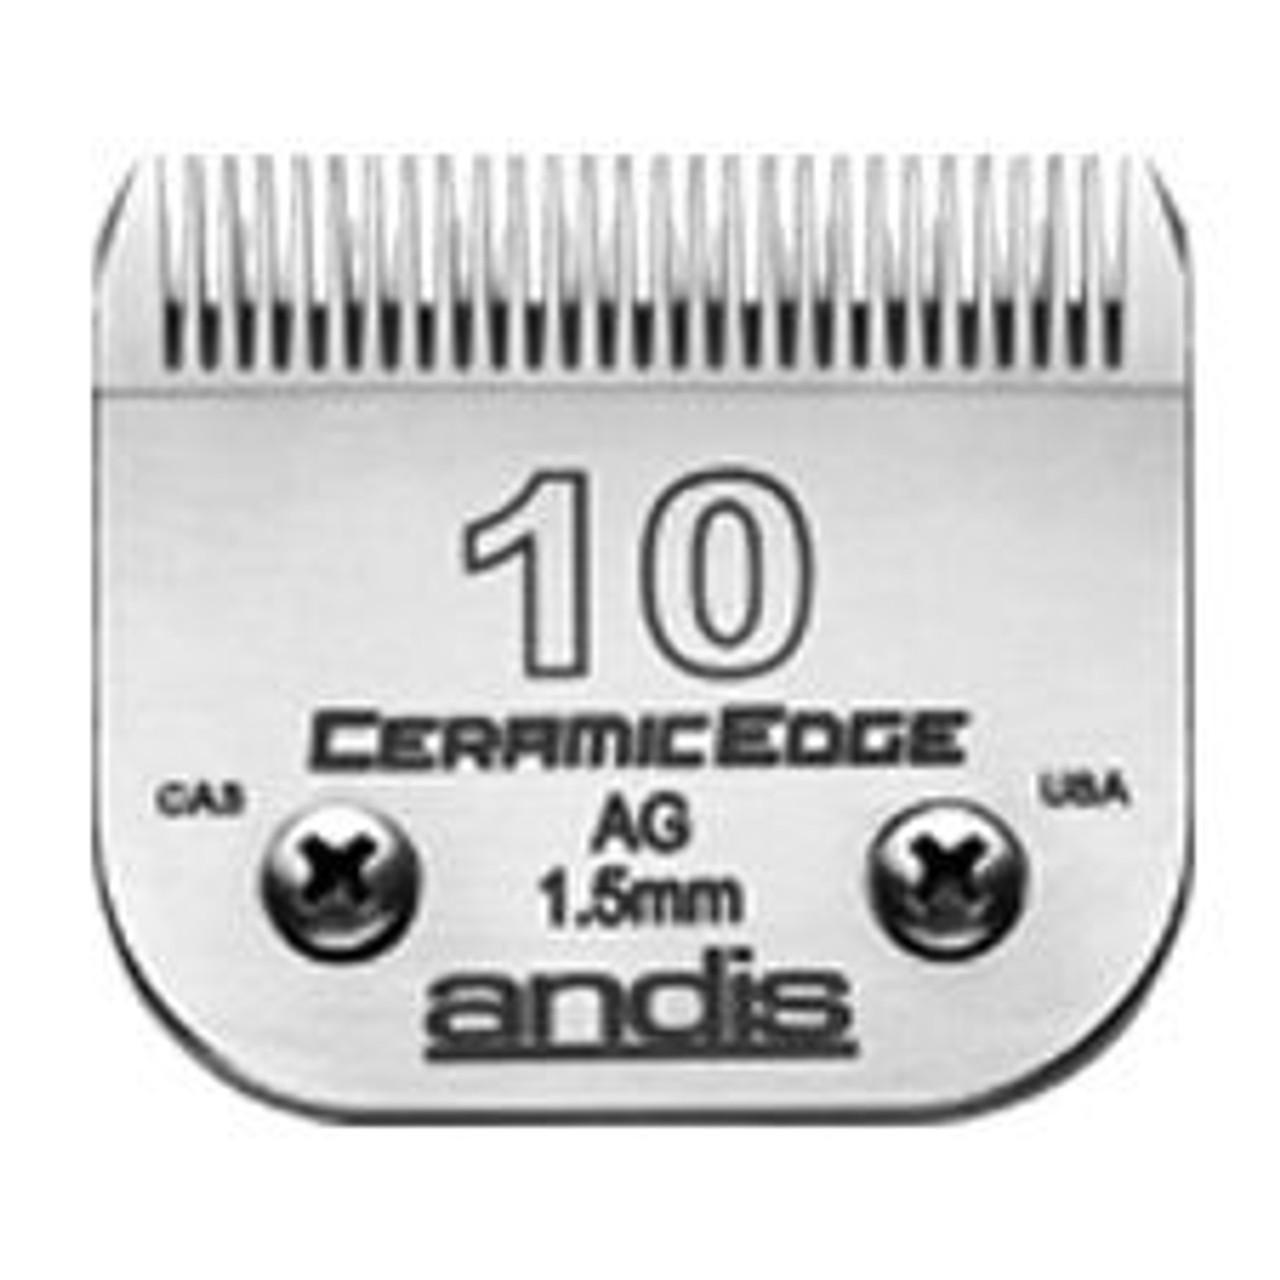 Andis Ceramic Edge #10 Blade